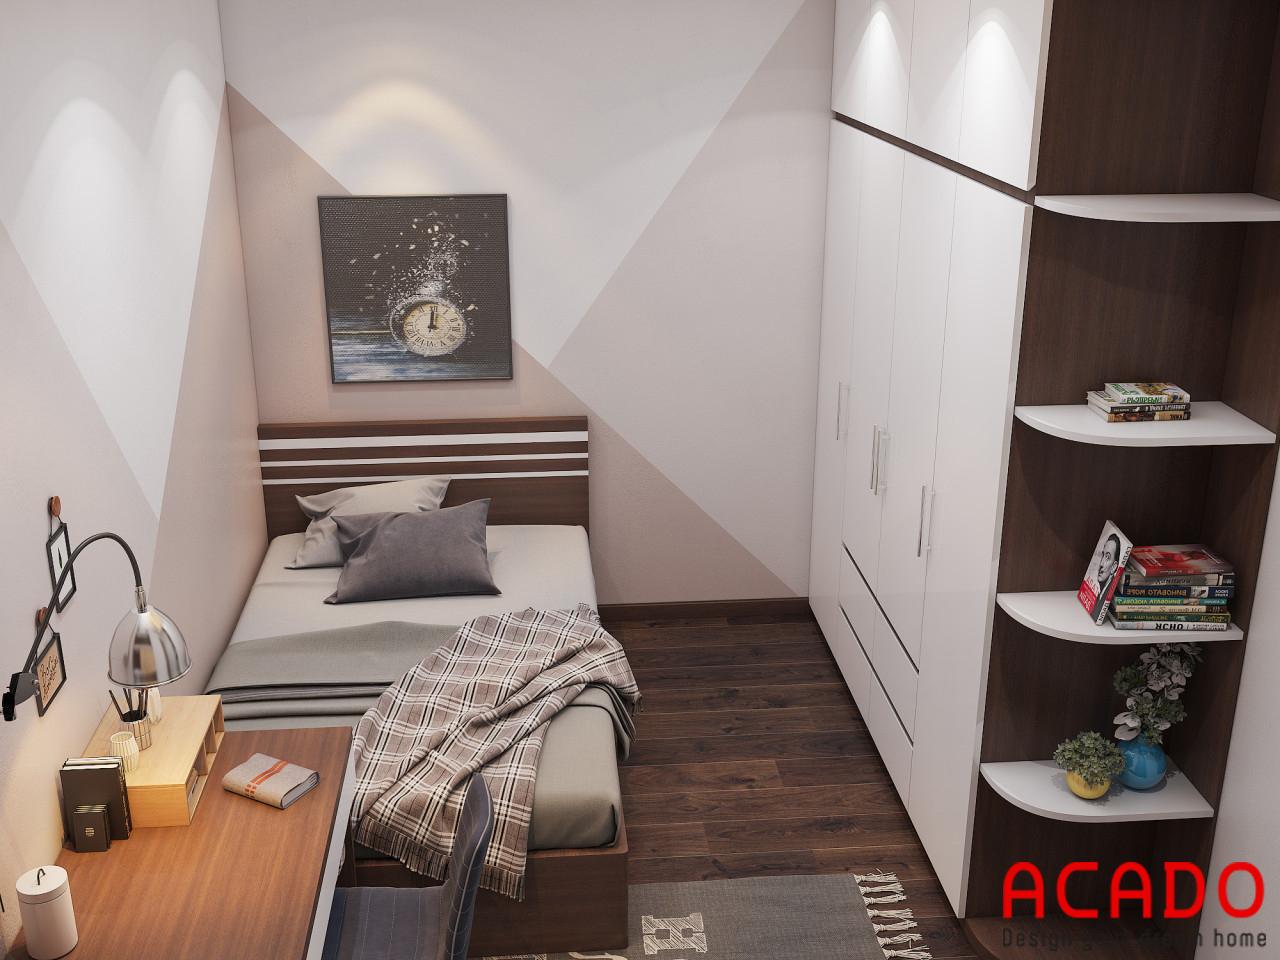 Phòng ngủ có diện tích hẹp nên ACADO chỉ thiết kế giường ngủ 1m2x2m để tiết kiệm không gian